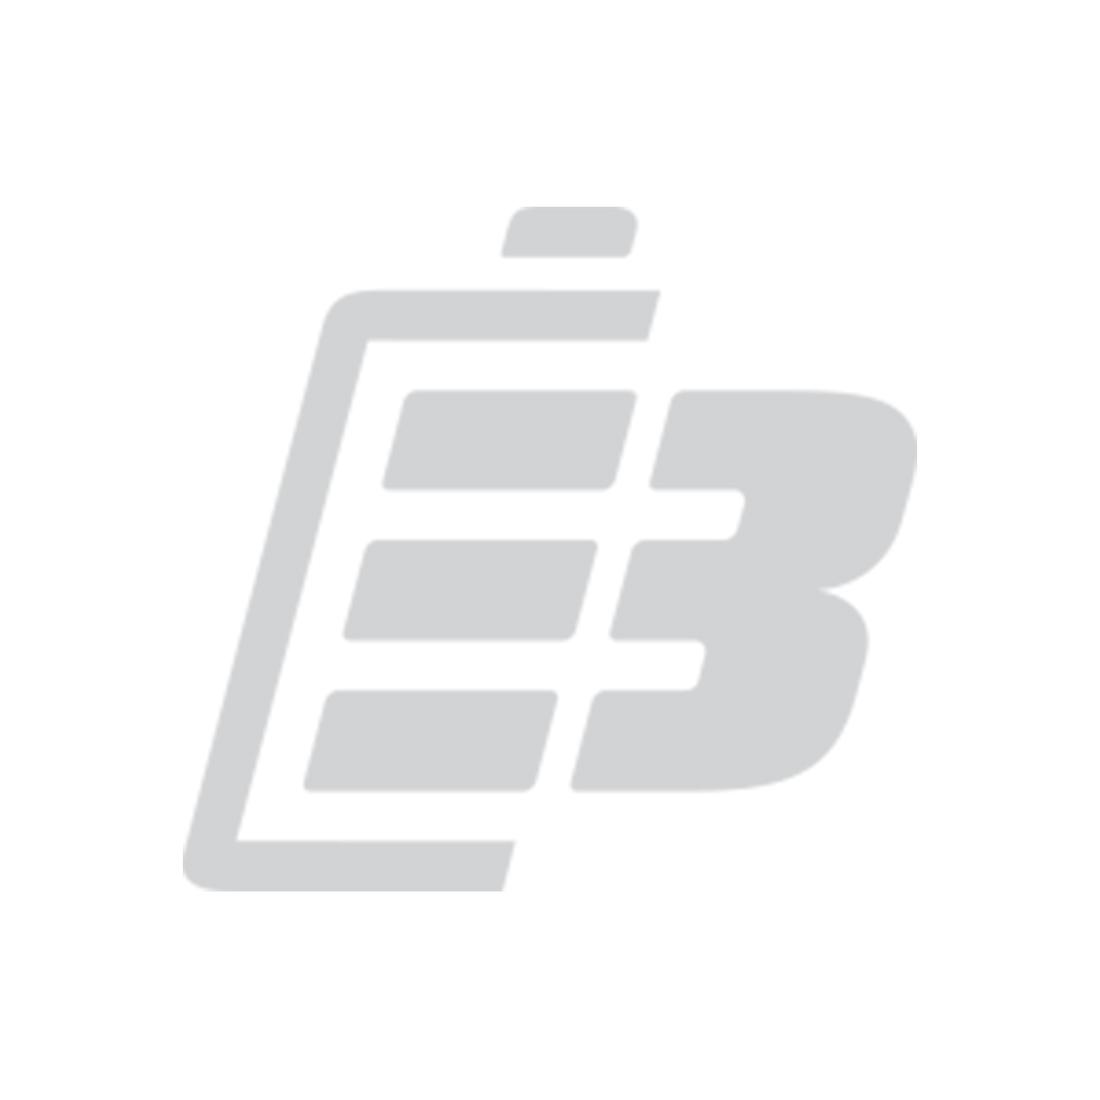 Power tool battery Metabo 12V 3.0Ah_1